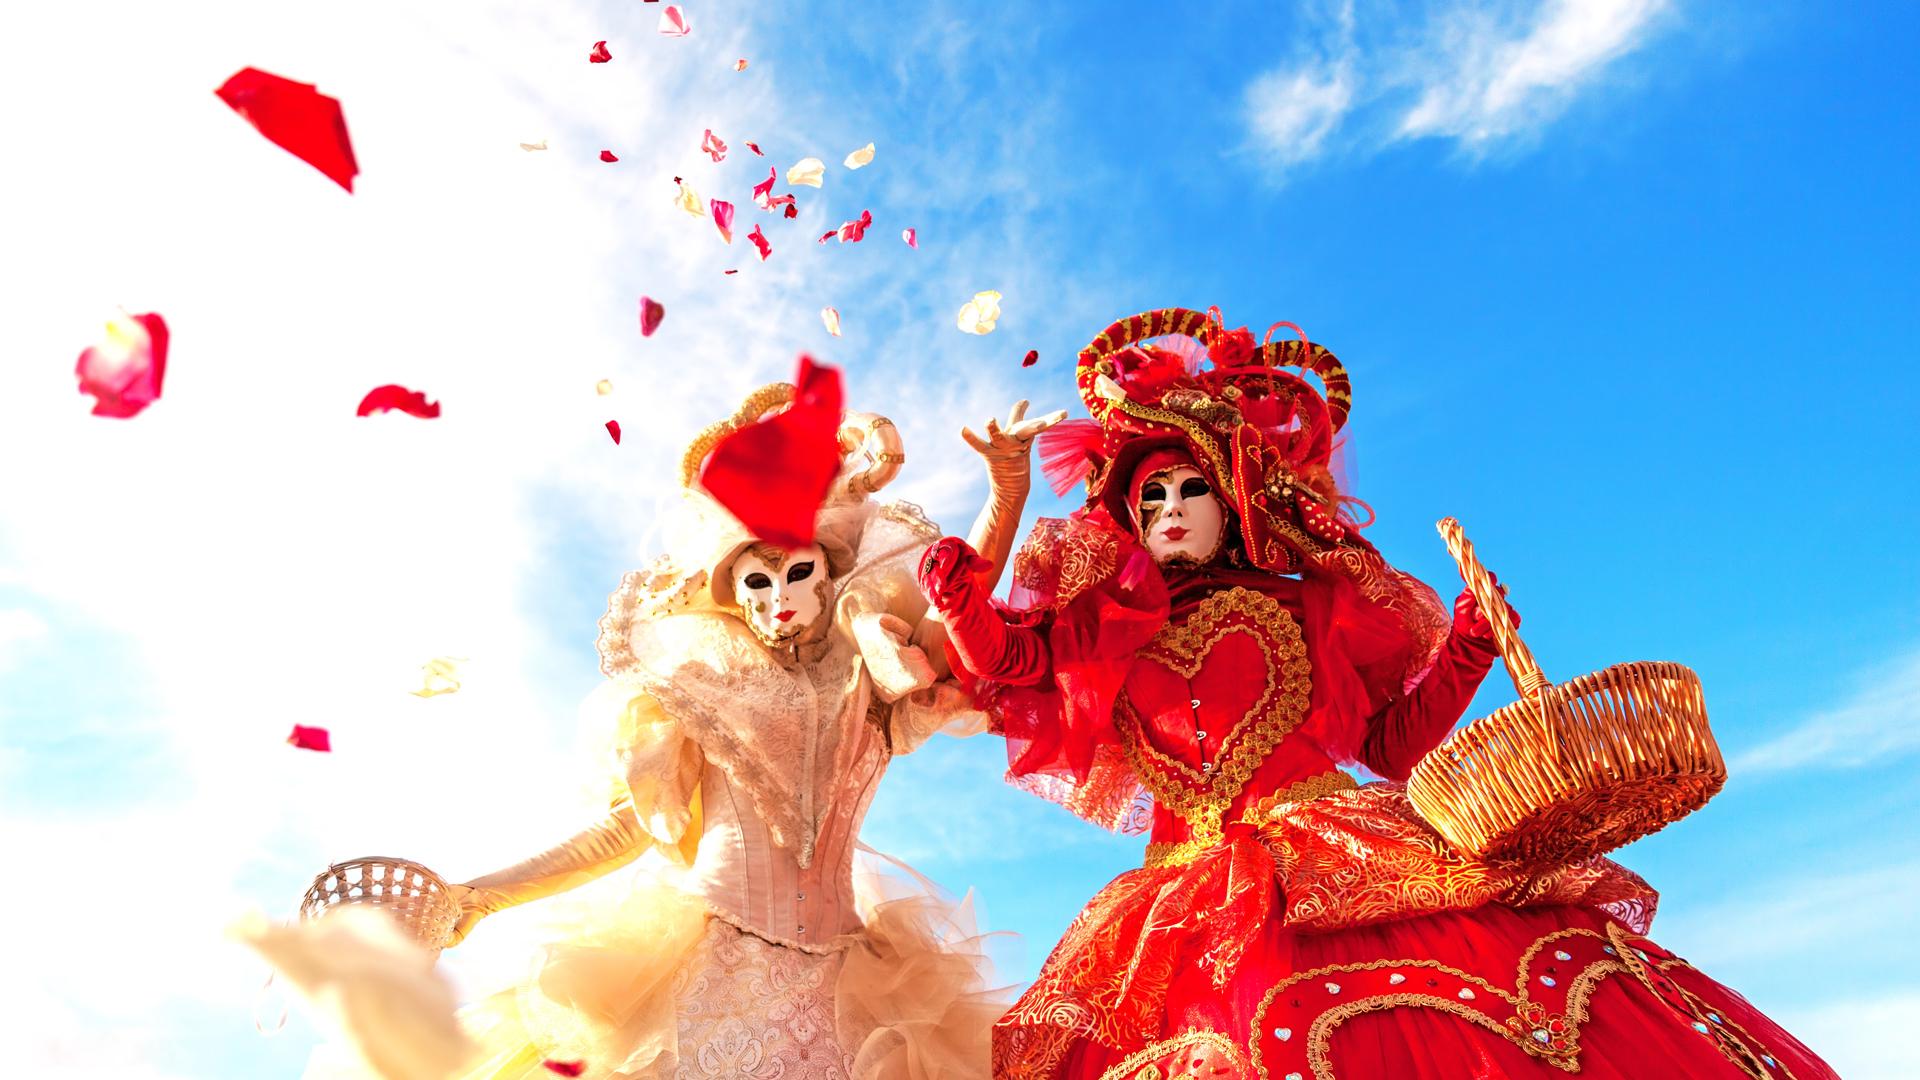 İtalyan Usulü Maskeli Eğlence, Venedik Karnavalı